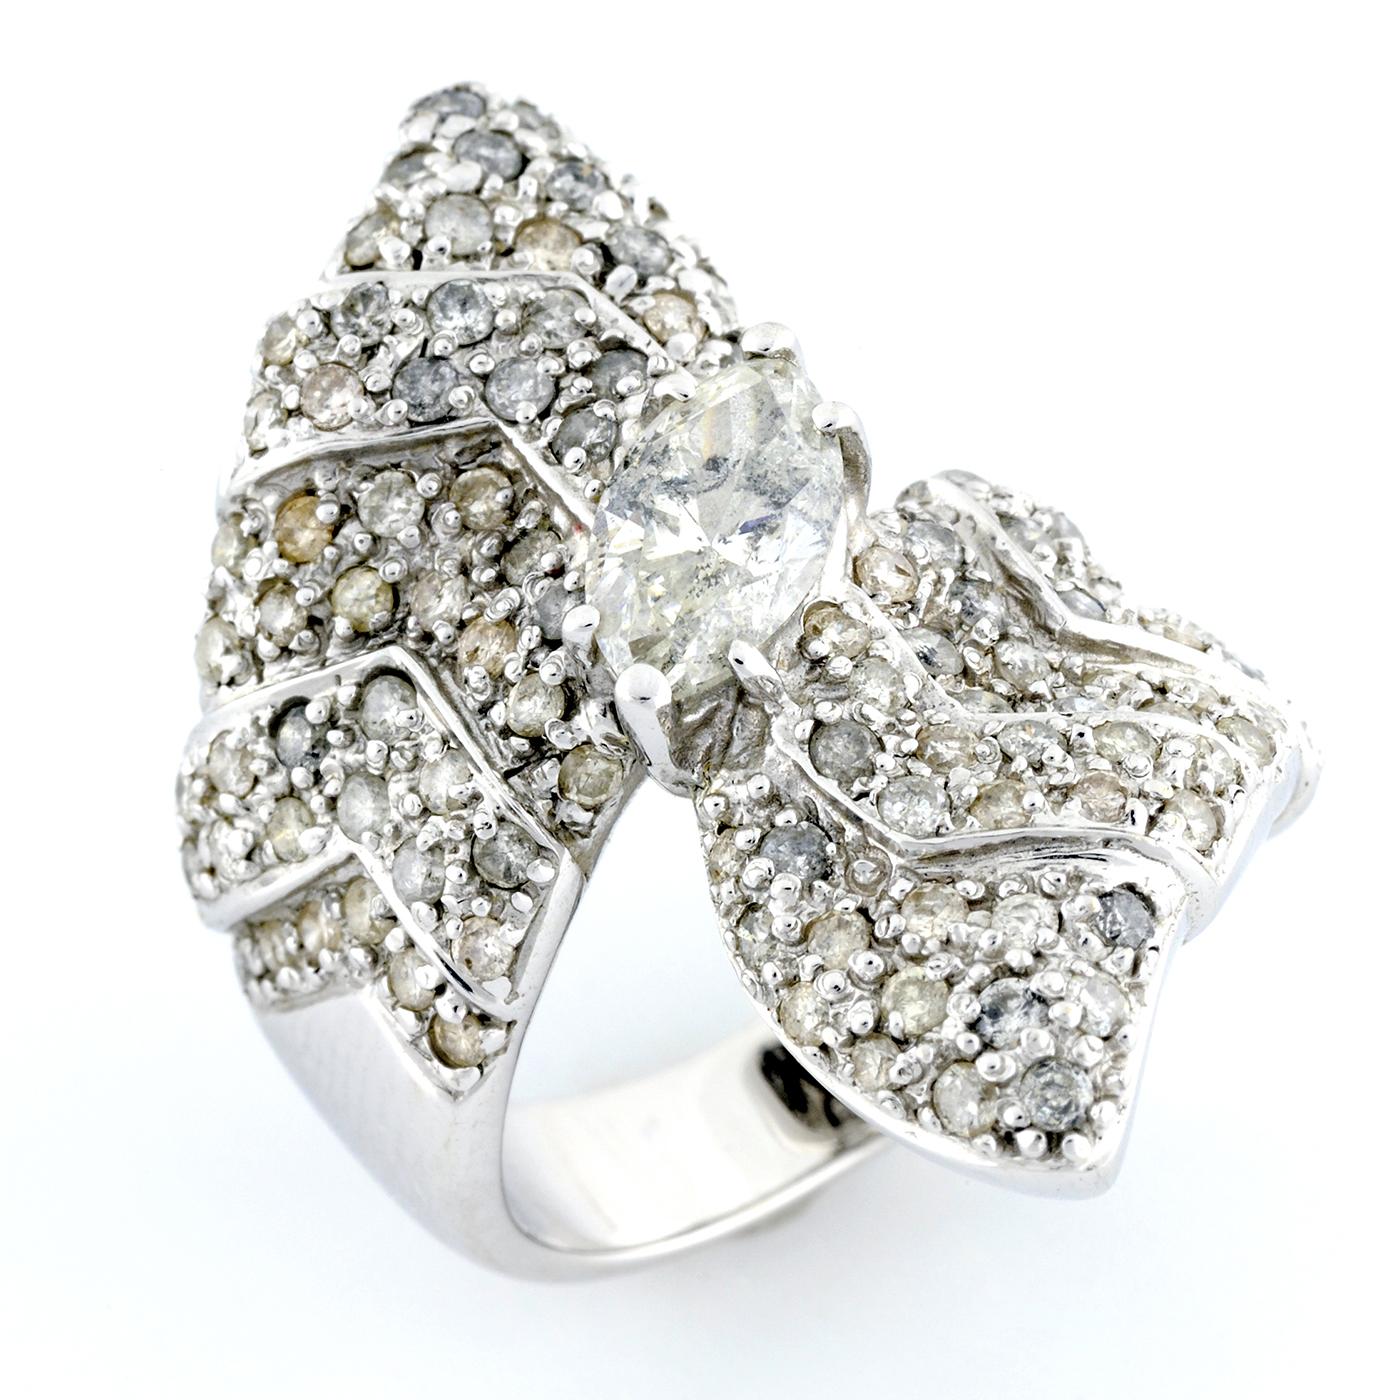 Sortija en Oro de 18k con Diamante Central Talla Marquise de 1,00 ct. (I-SI2) y 111 Diamantes Talla Brillante de 1,50 ct. aprox. (I/SI2)